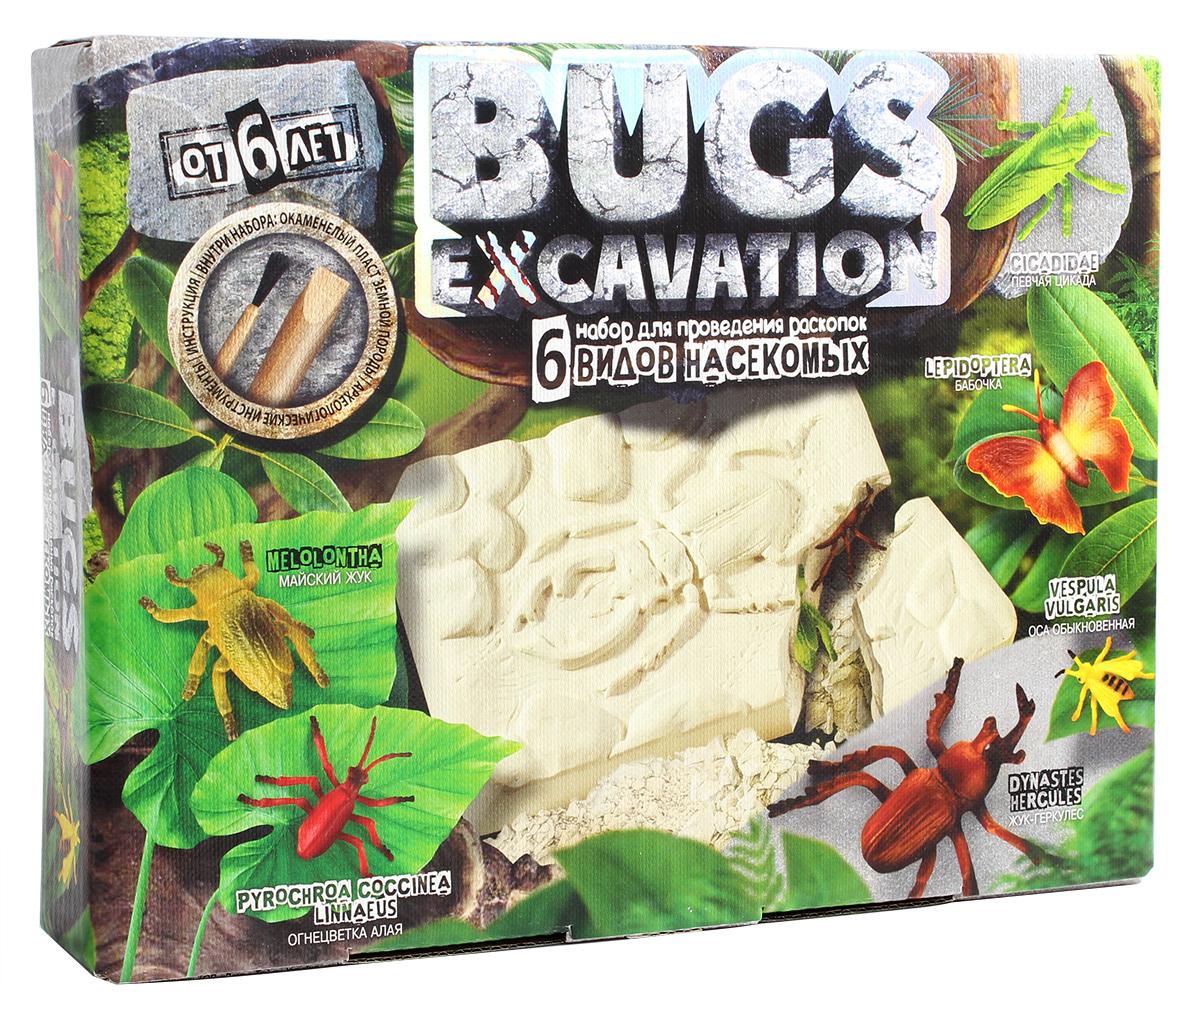 ДанкоТойс Набор для раскопок Bugs Excavation Жуки Набор 3 набор для раскопок danko toys bugs excavation жуки набор 4